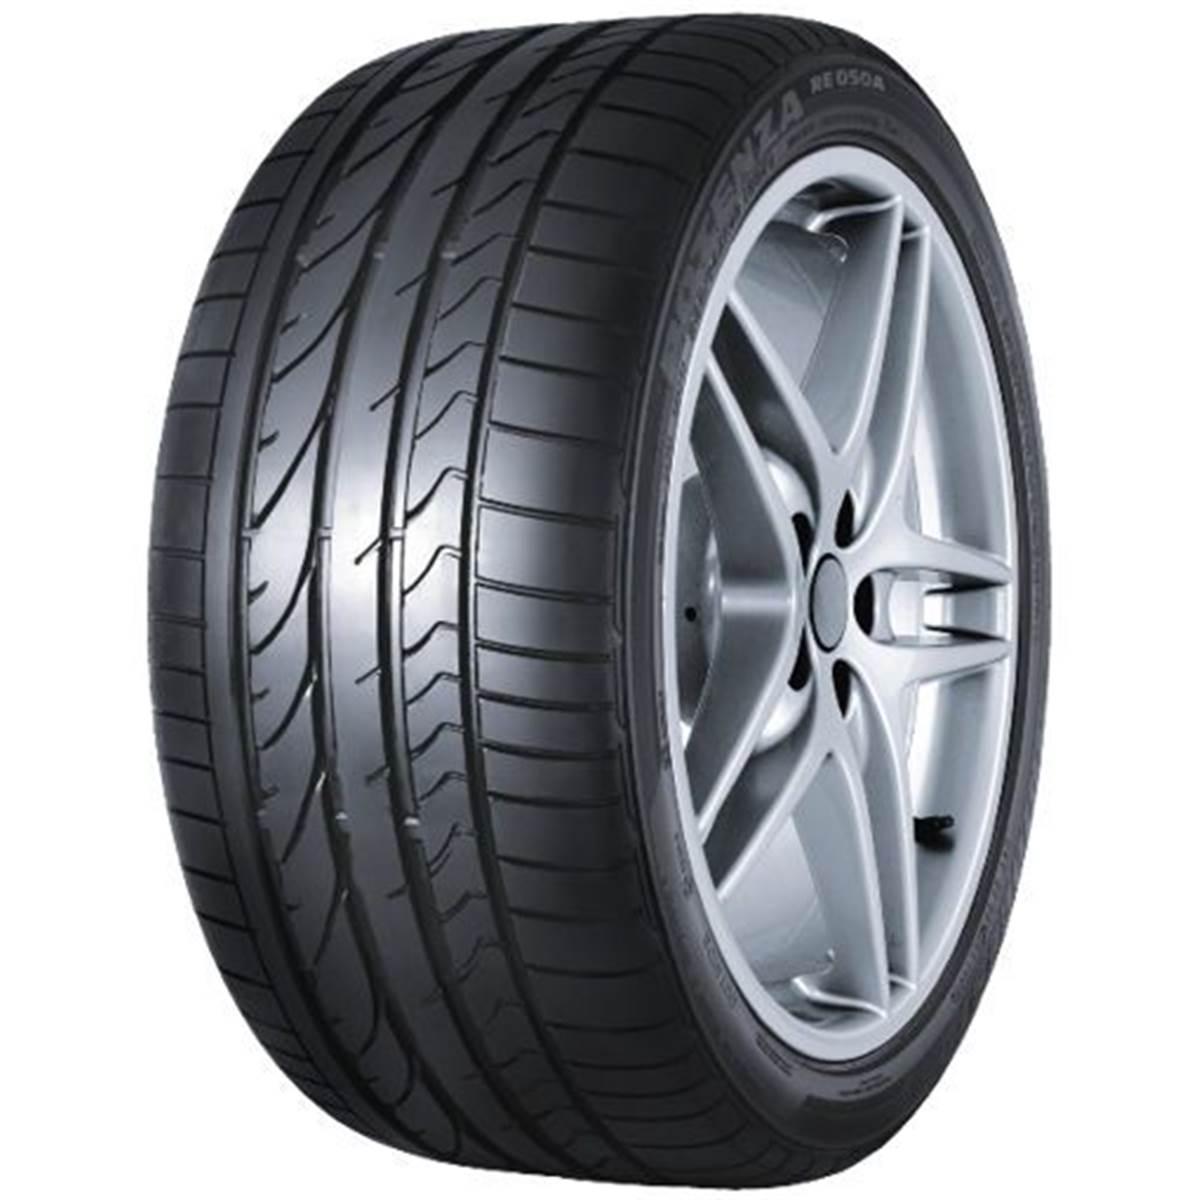 Pneu Bridgestone 245/45R17 99Y Potenza Re050A homologué Audi XL